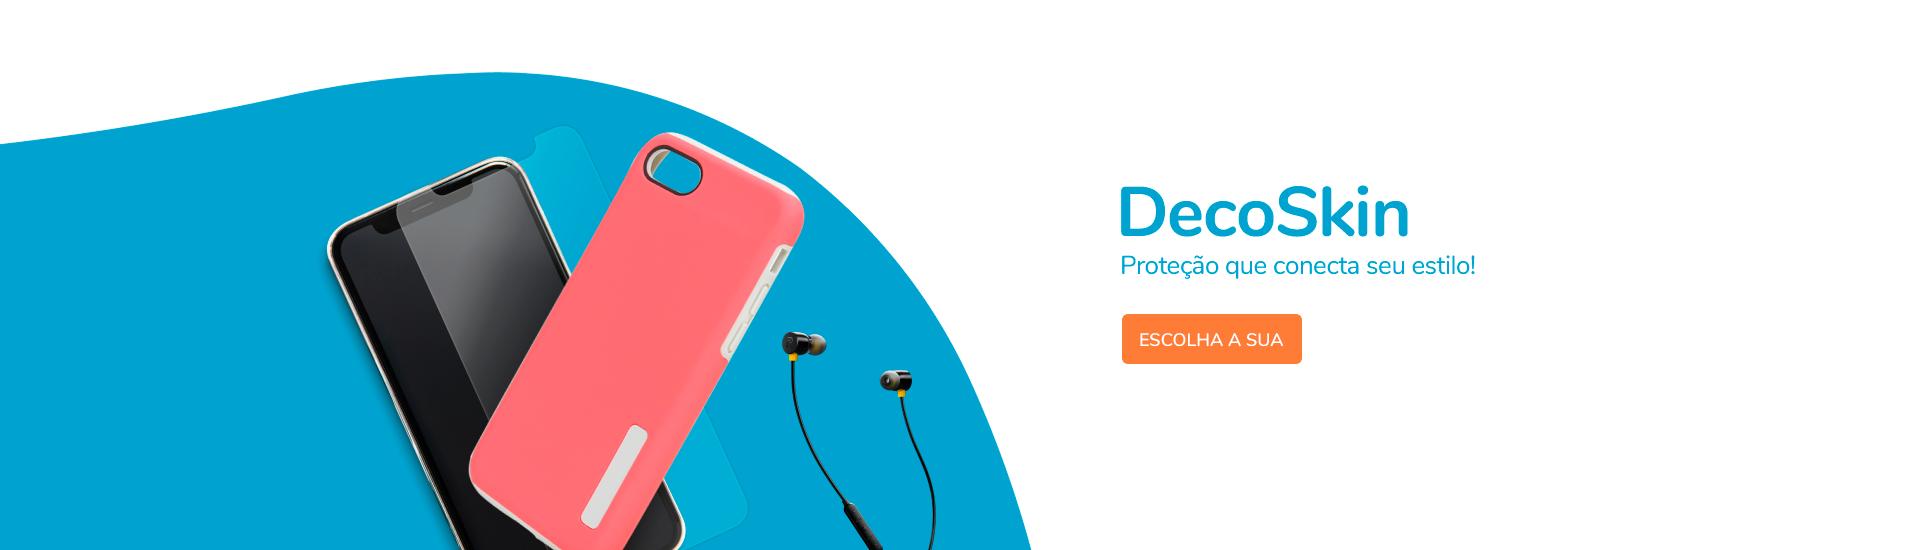 Banner 1 | Desktop 1920x550